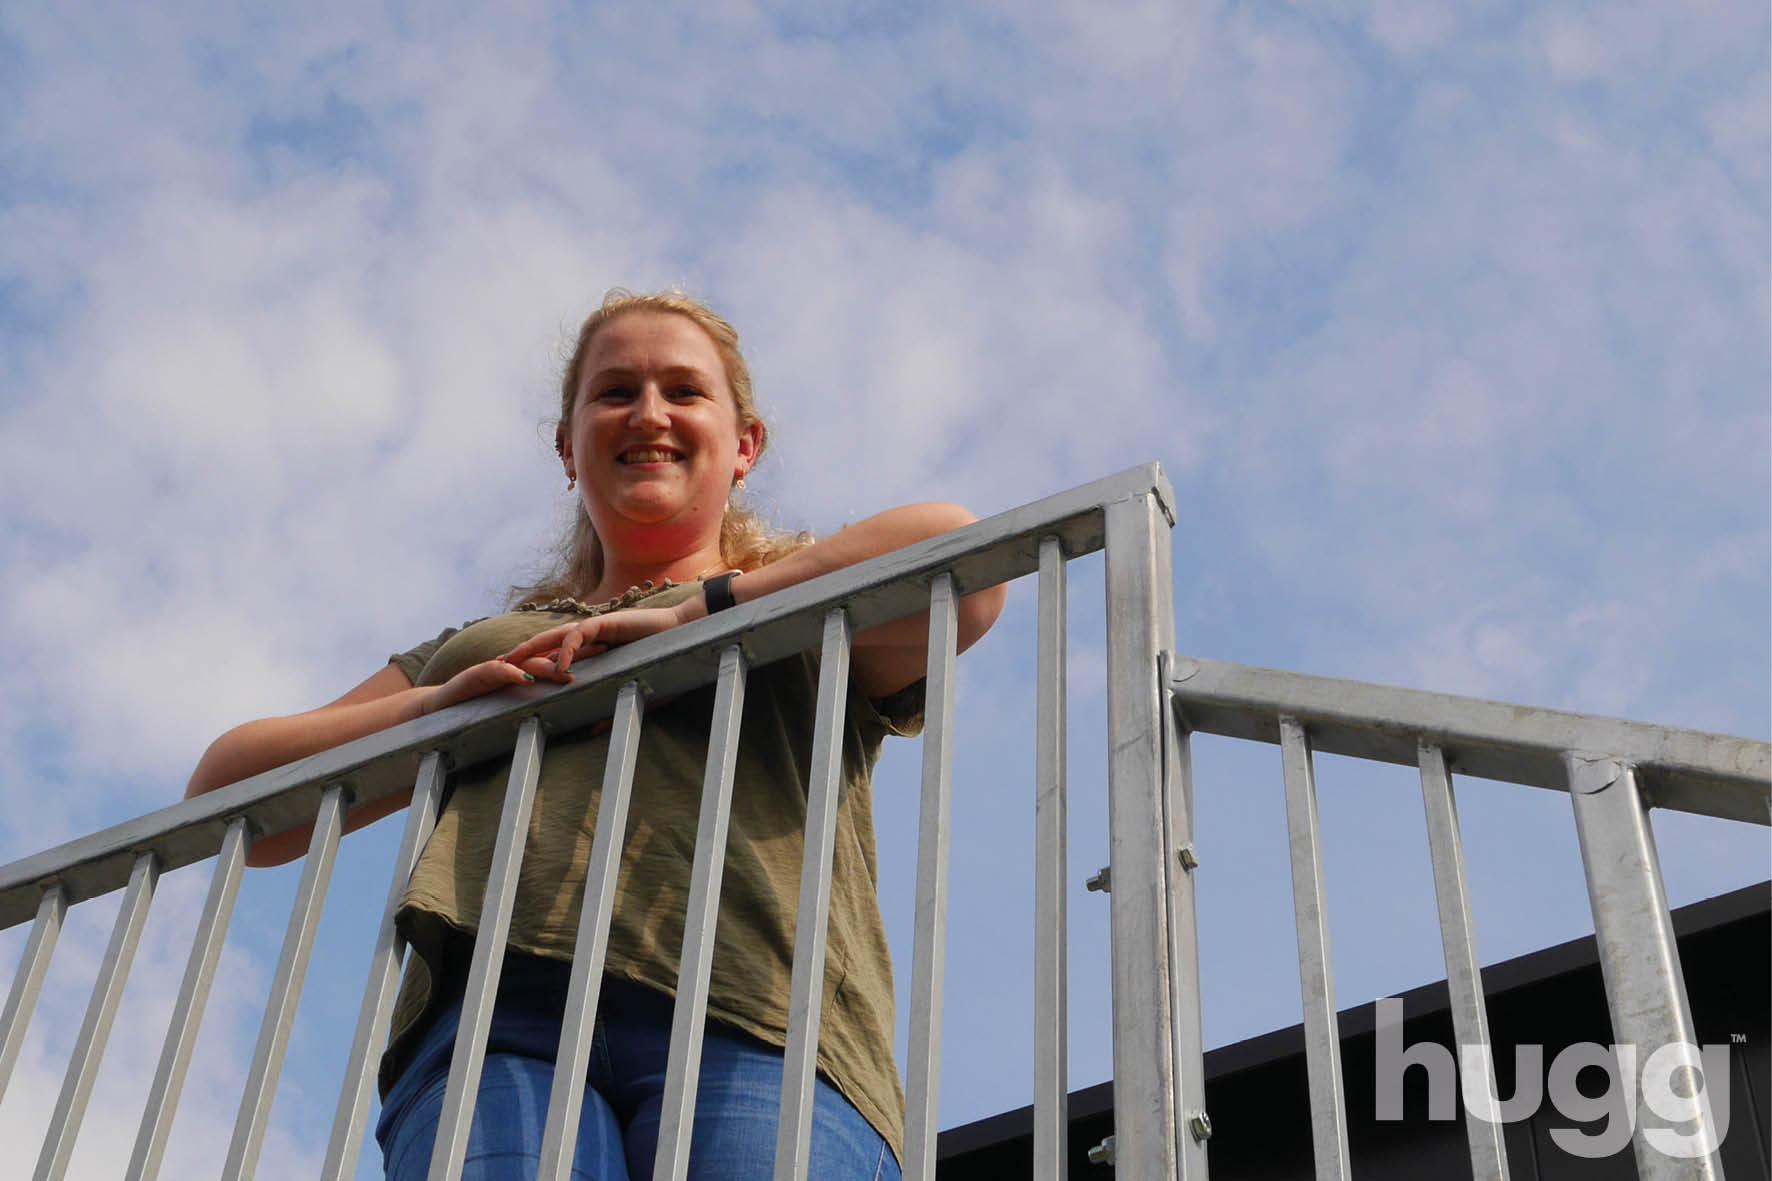 hugg_homes_residents_Lauren Harrison Short_hugg_2.jpg